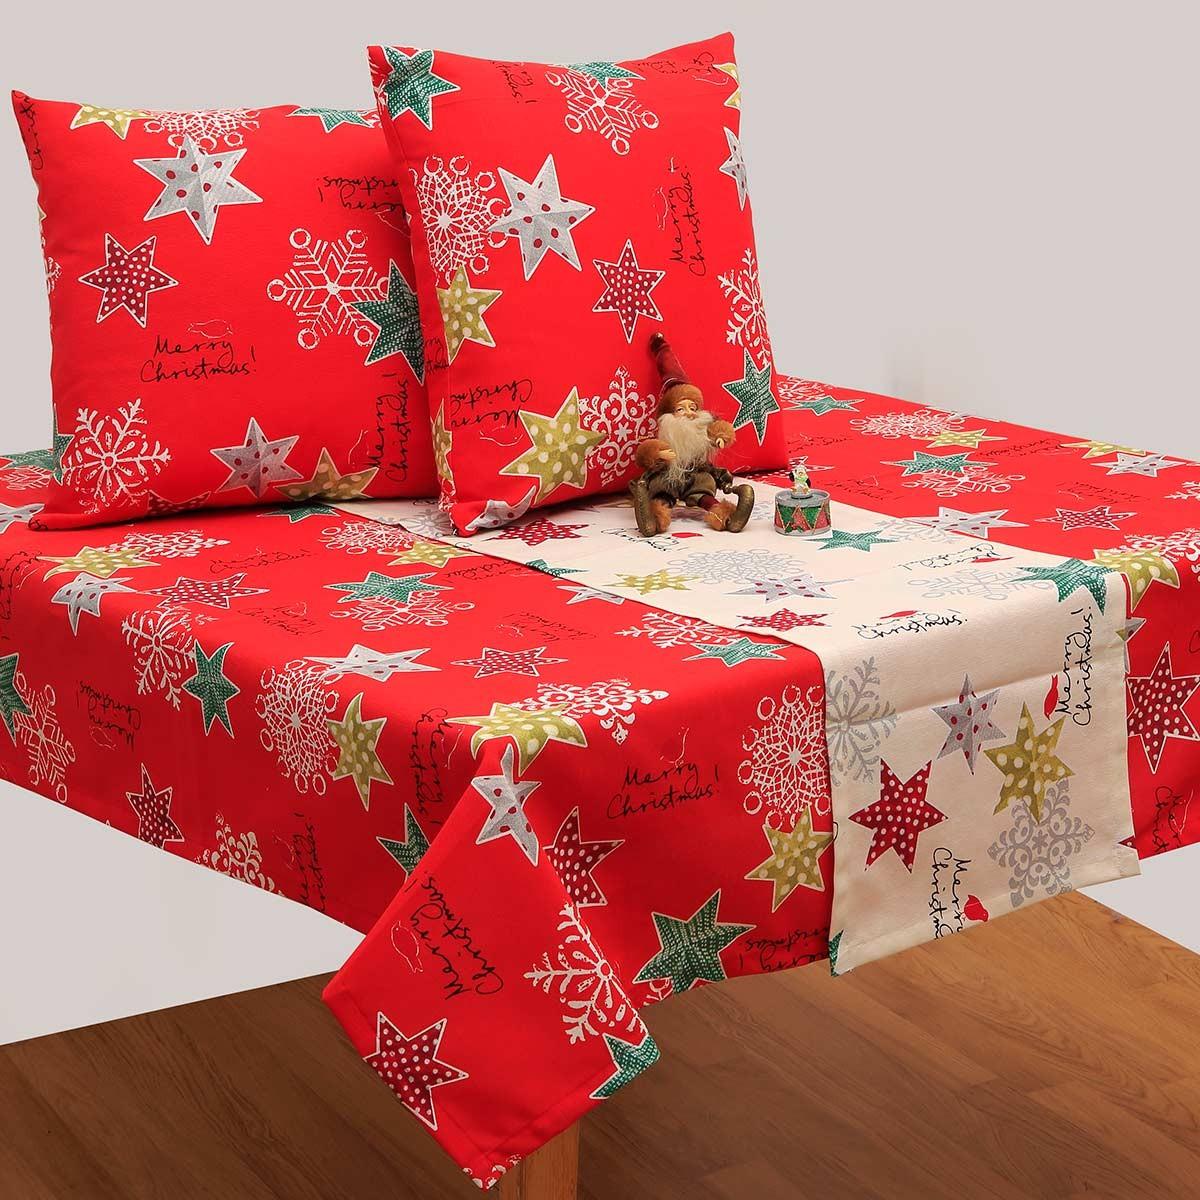 Χριστουγεννιάτικο Τραπεζομάντηλο (140x140) Viopros 4430 Κόκκινο